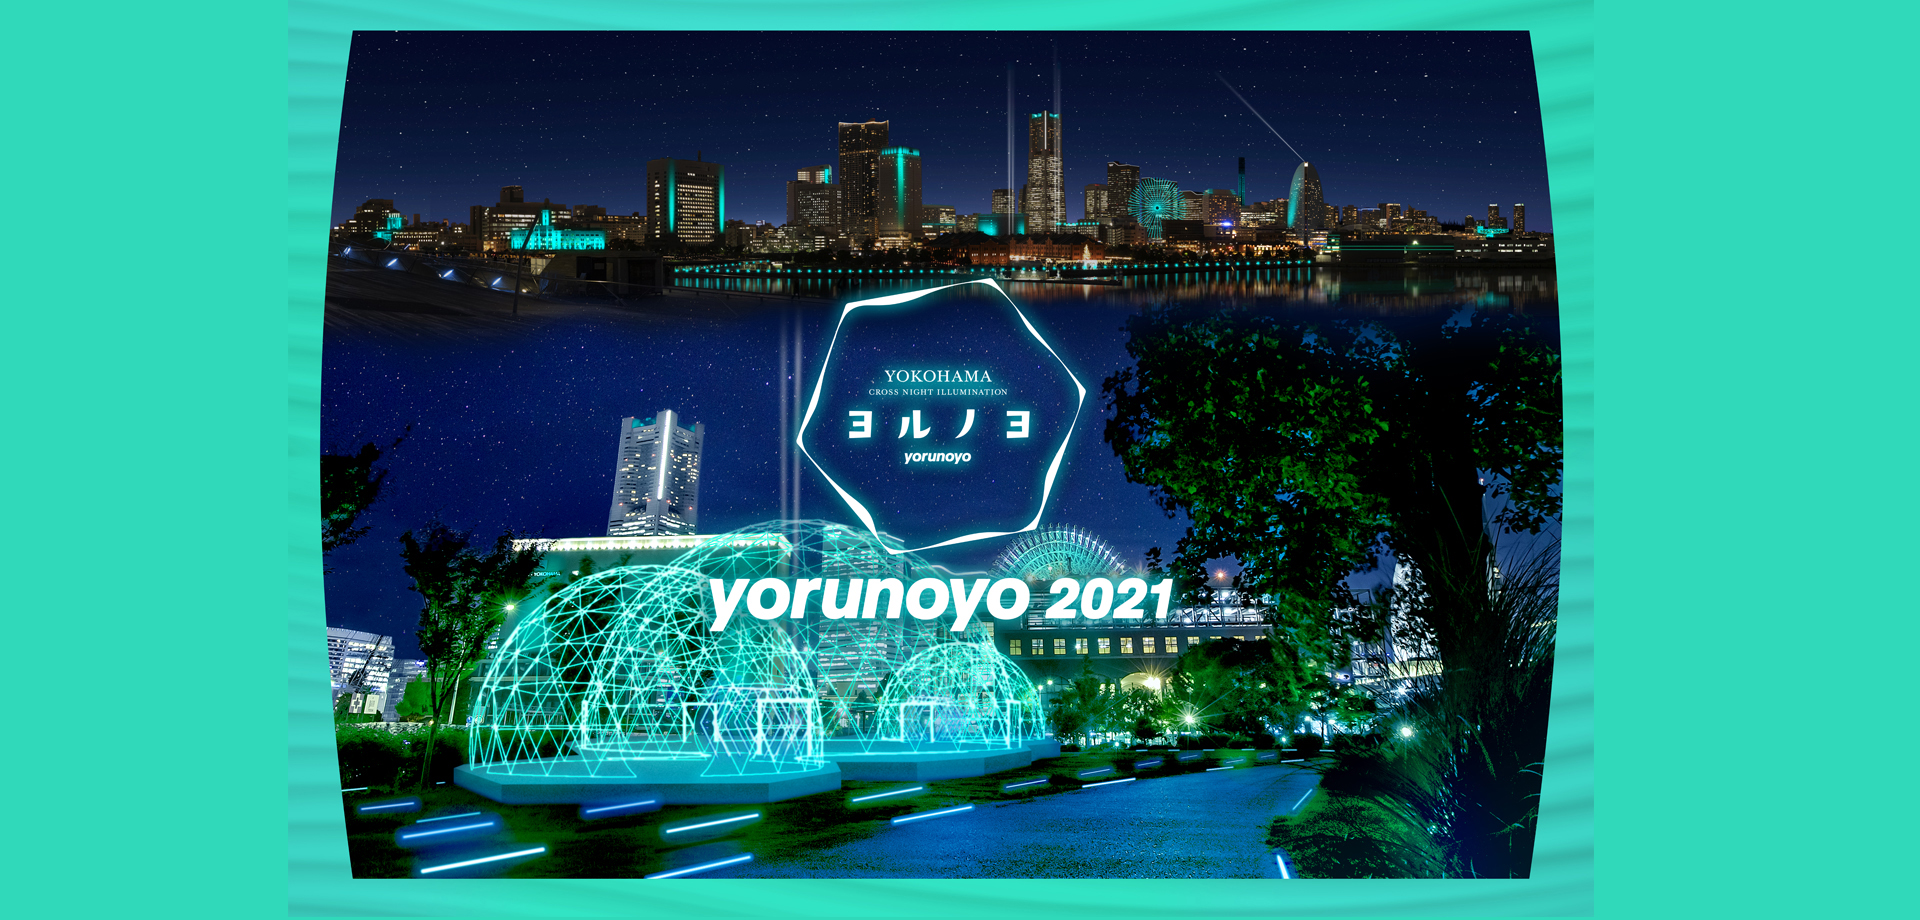 横浜イルミネーション『ヨルノヨ』